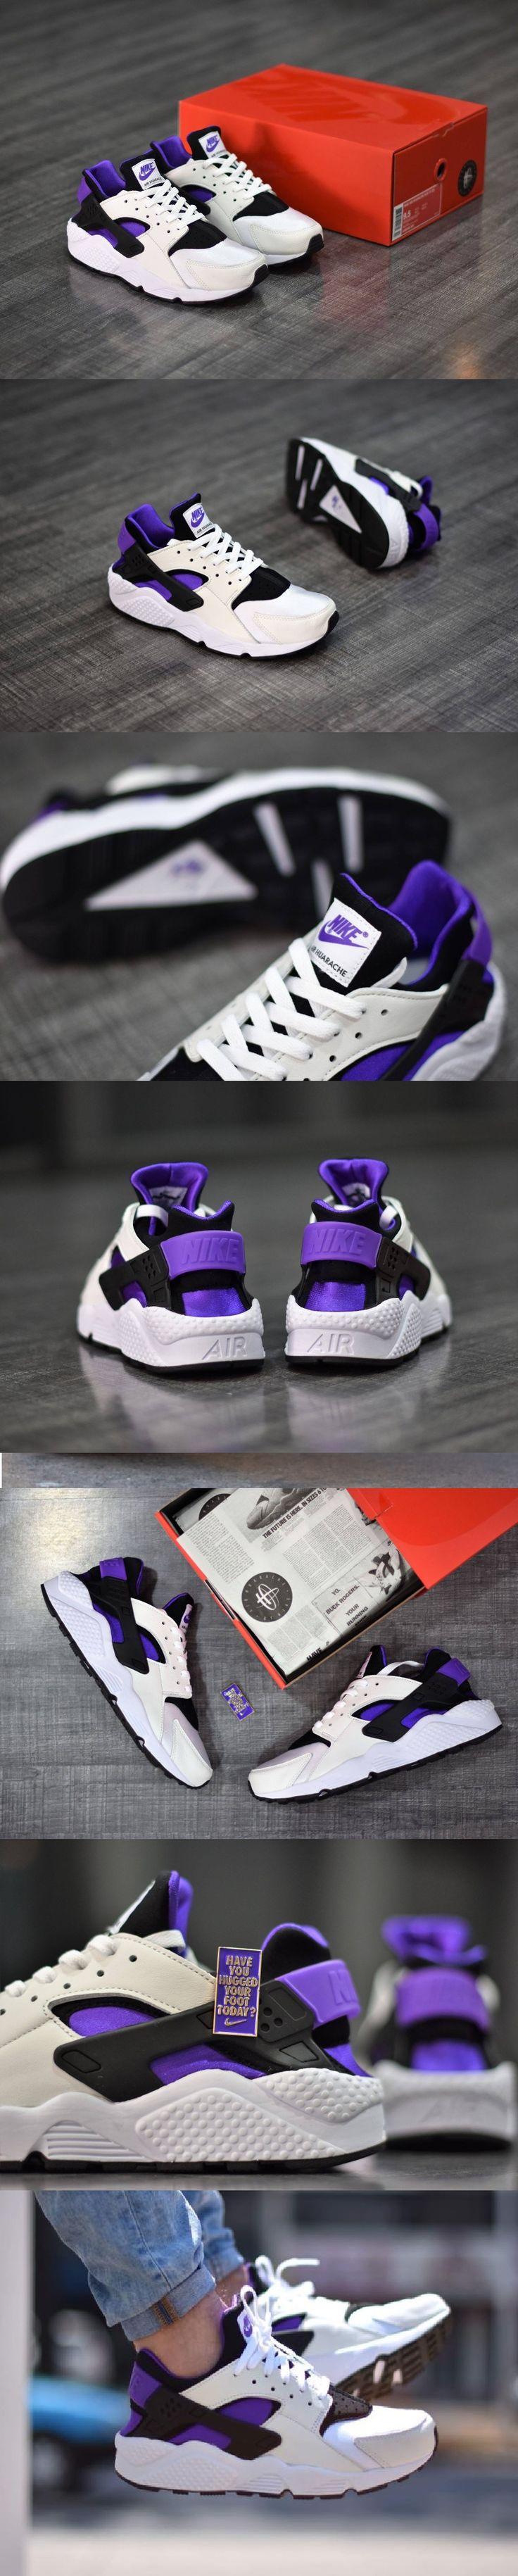 Une #Nike #Air #Huarache #Run #OG de 1991 : la #Purple #Punch (édition limitée)